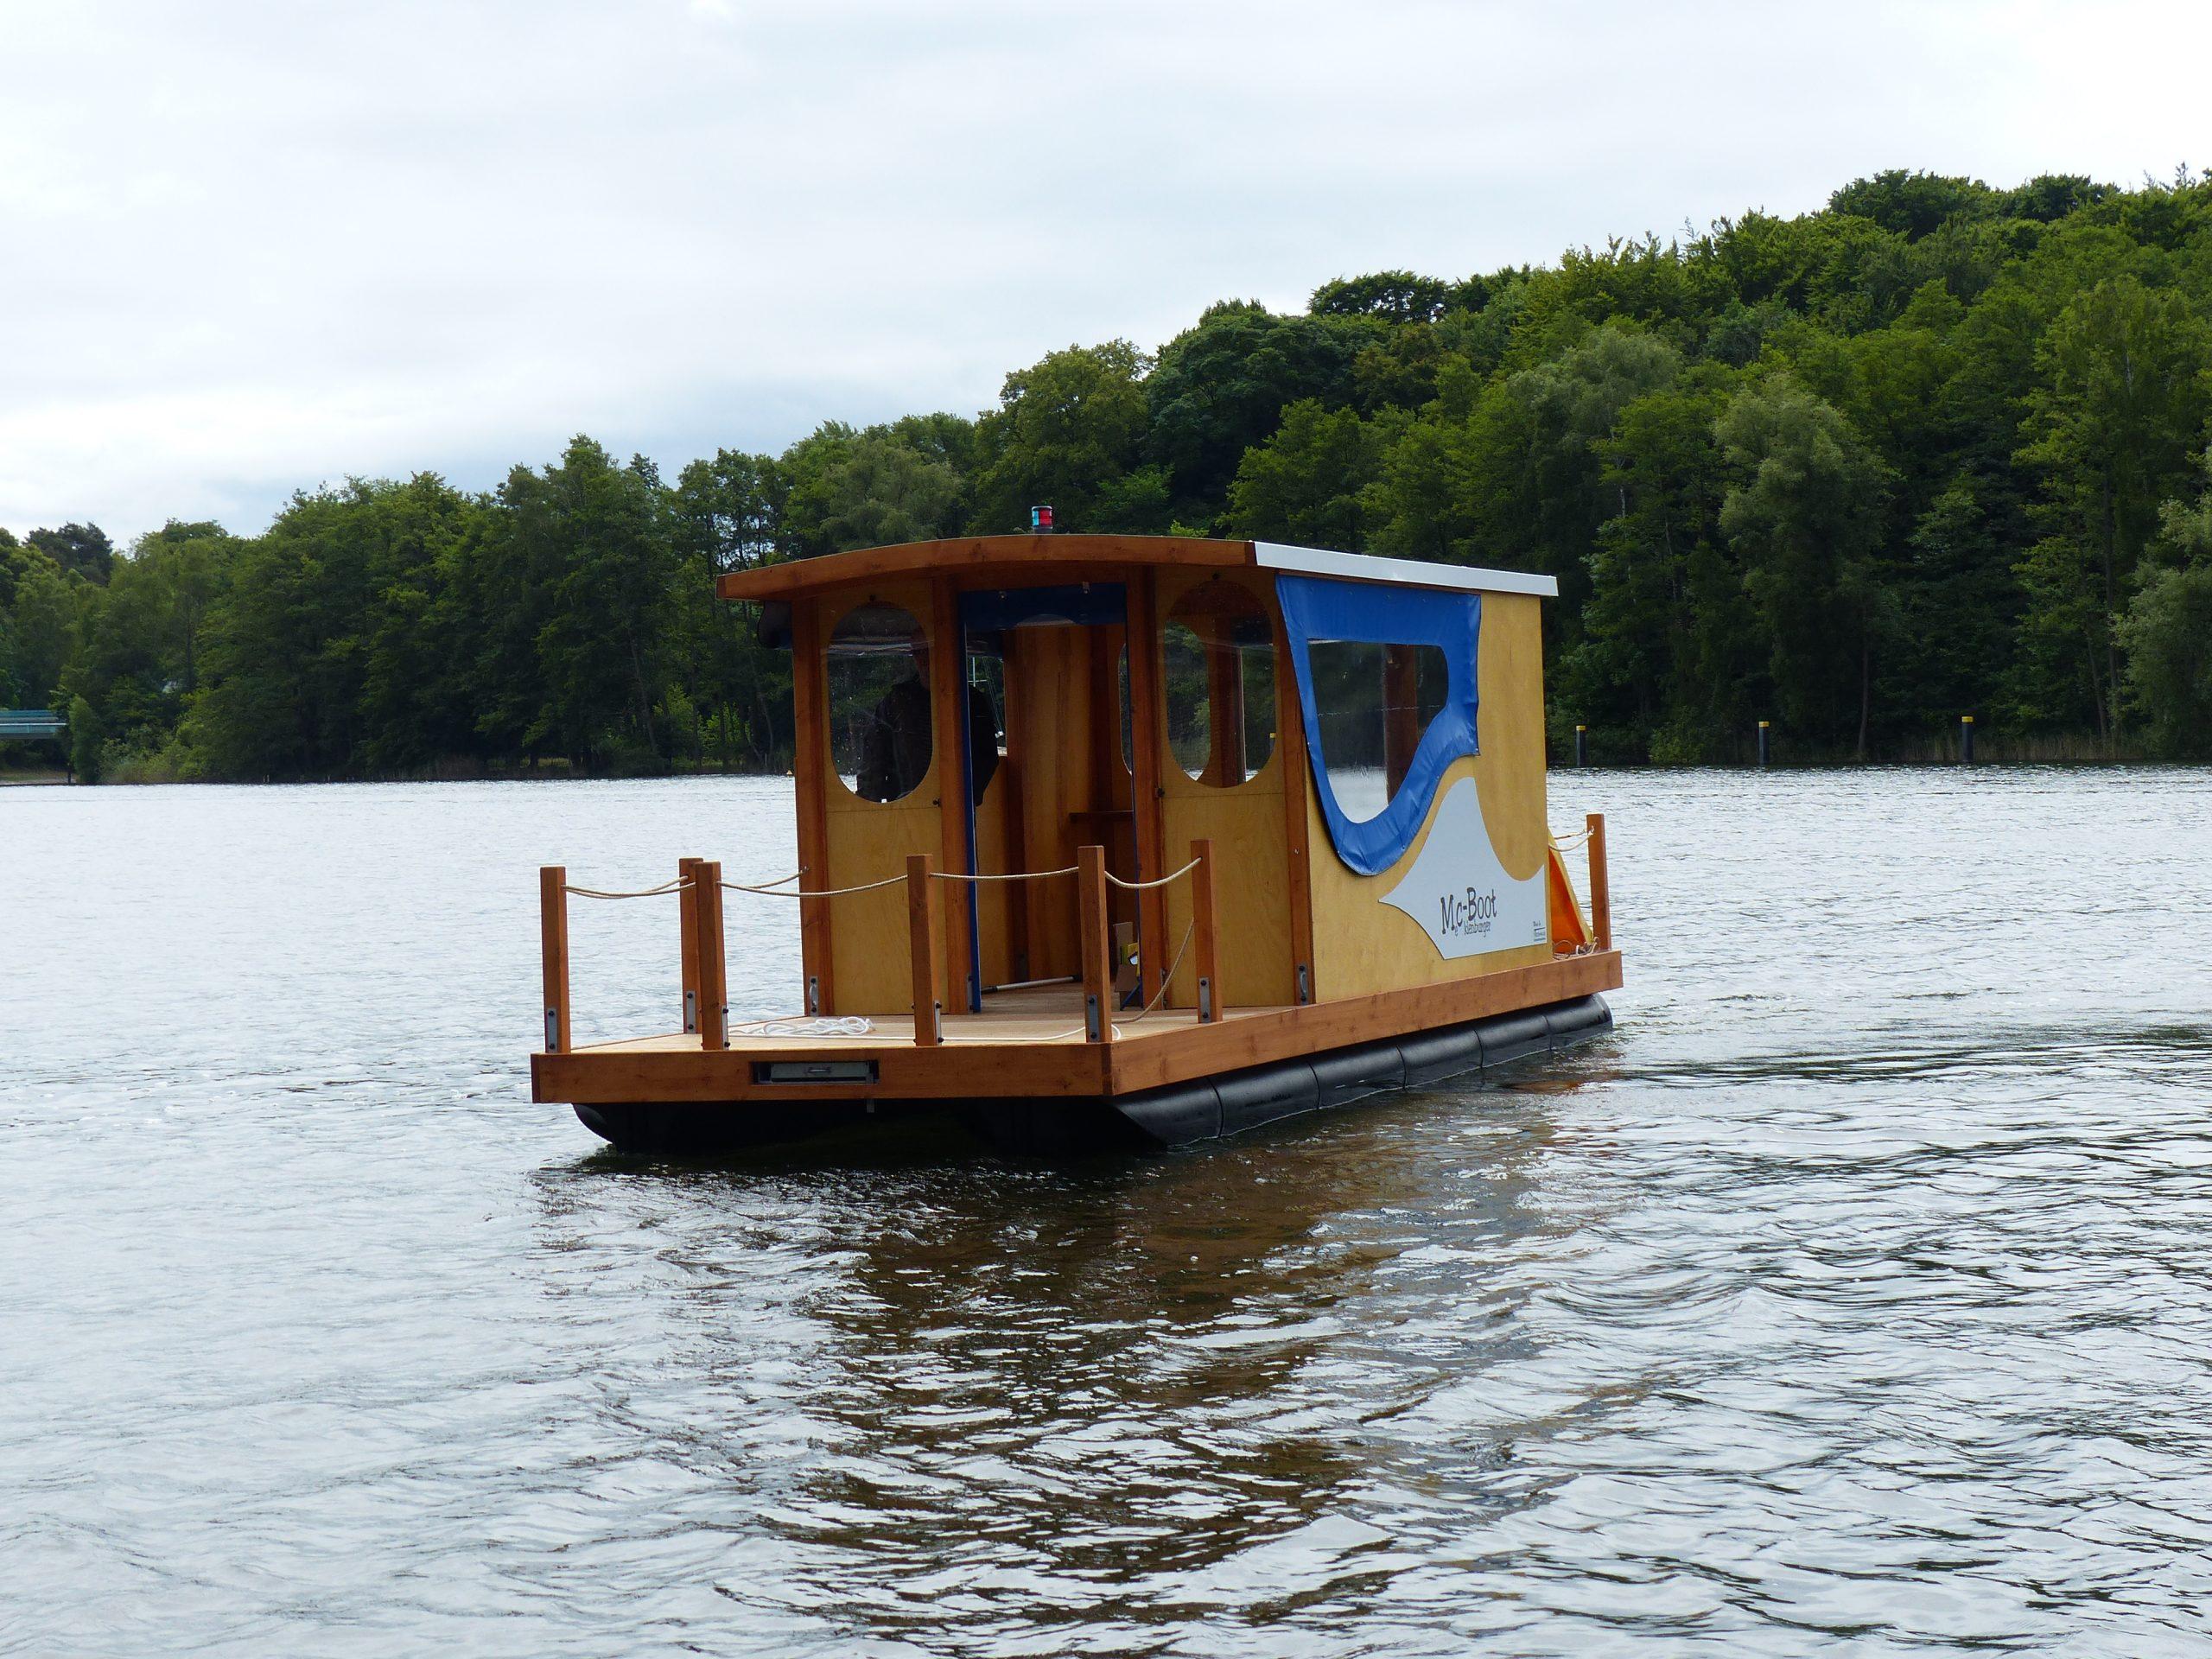 Die Frontansicht eines fahrenden Mc-Bootes